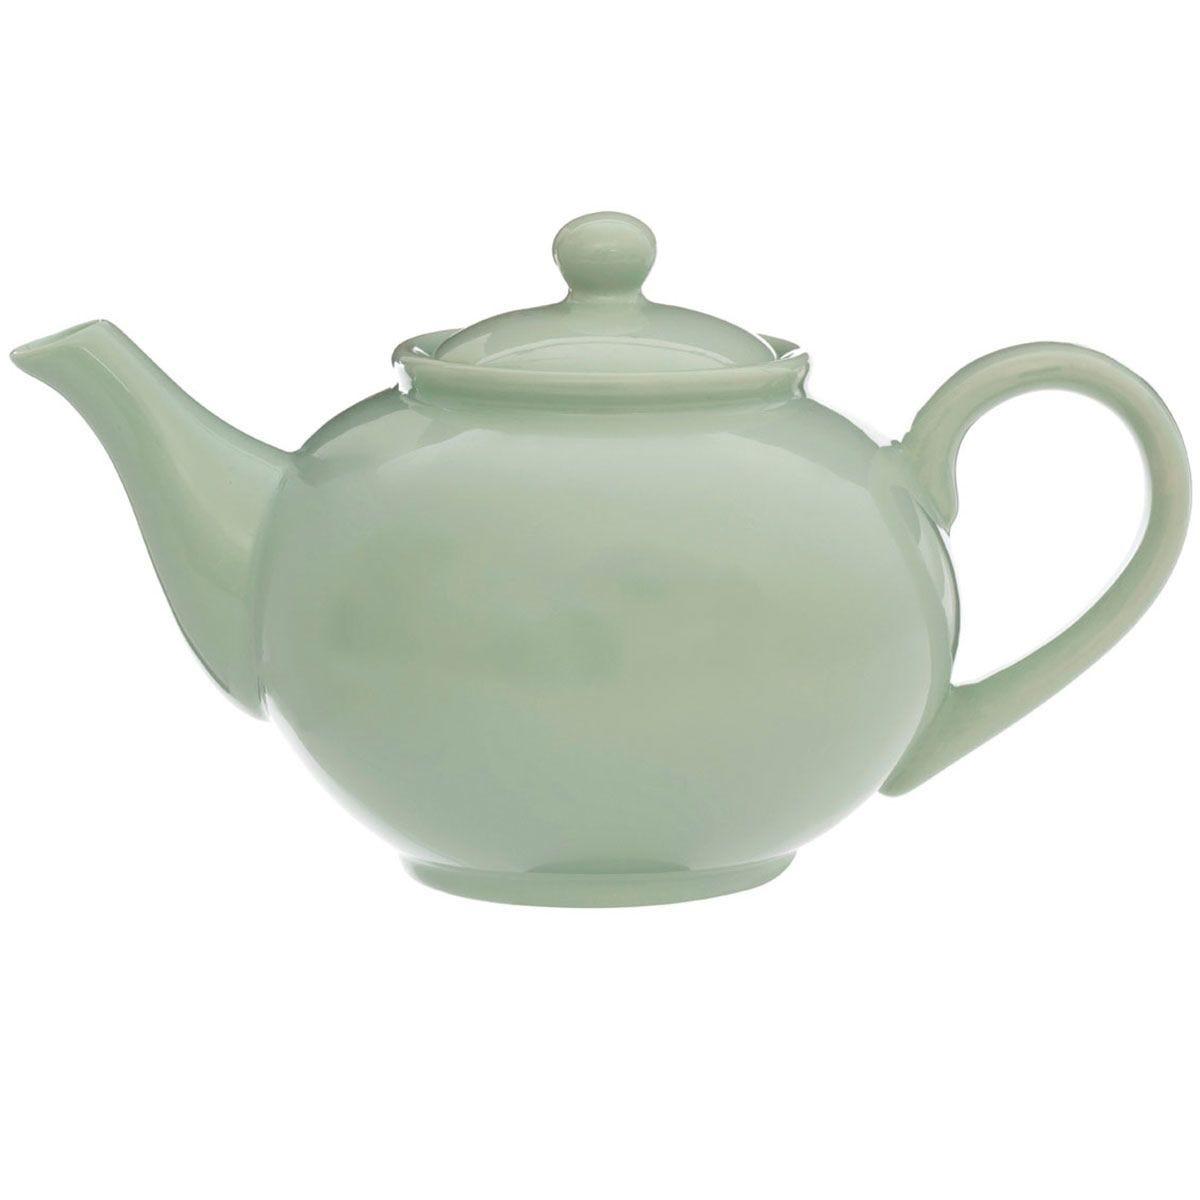 Premier Housewares 1.3L Teapot - Green